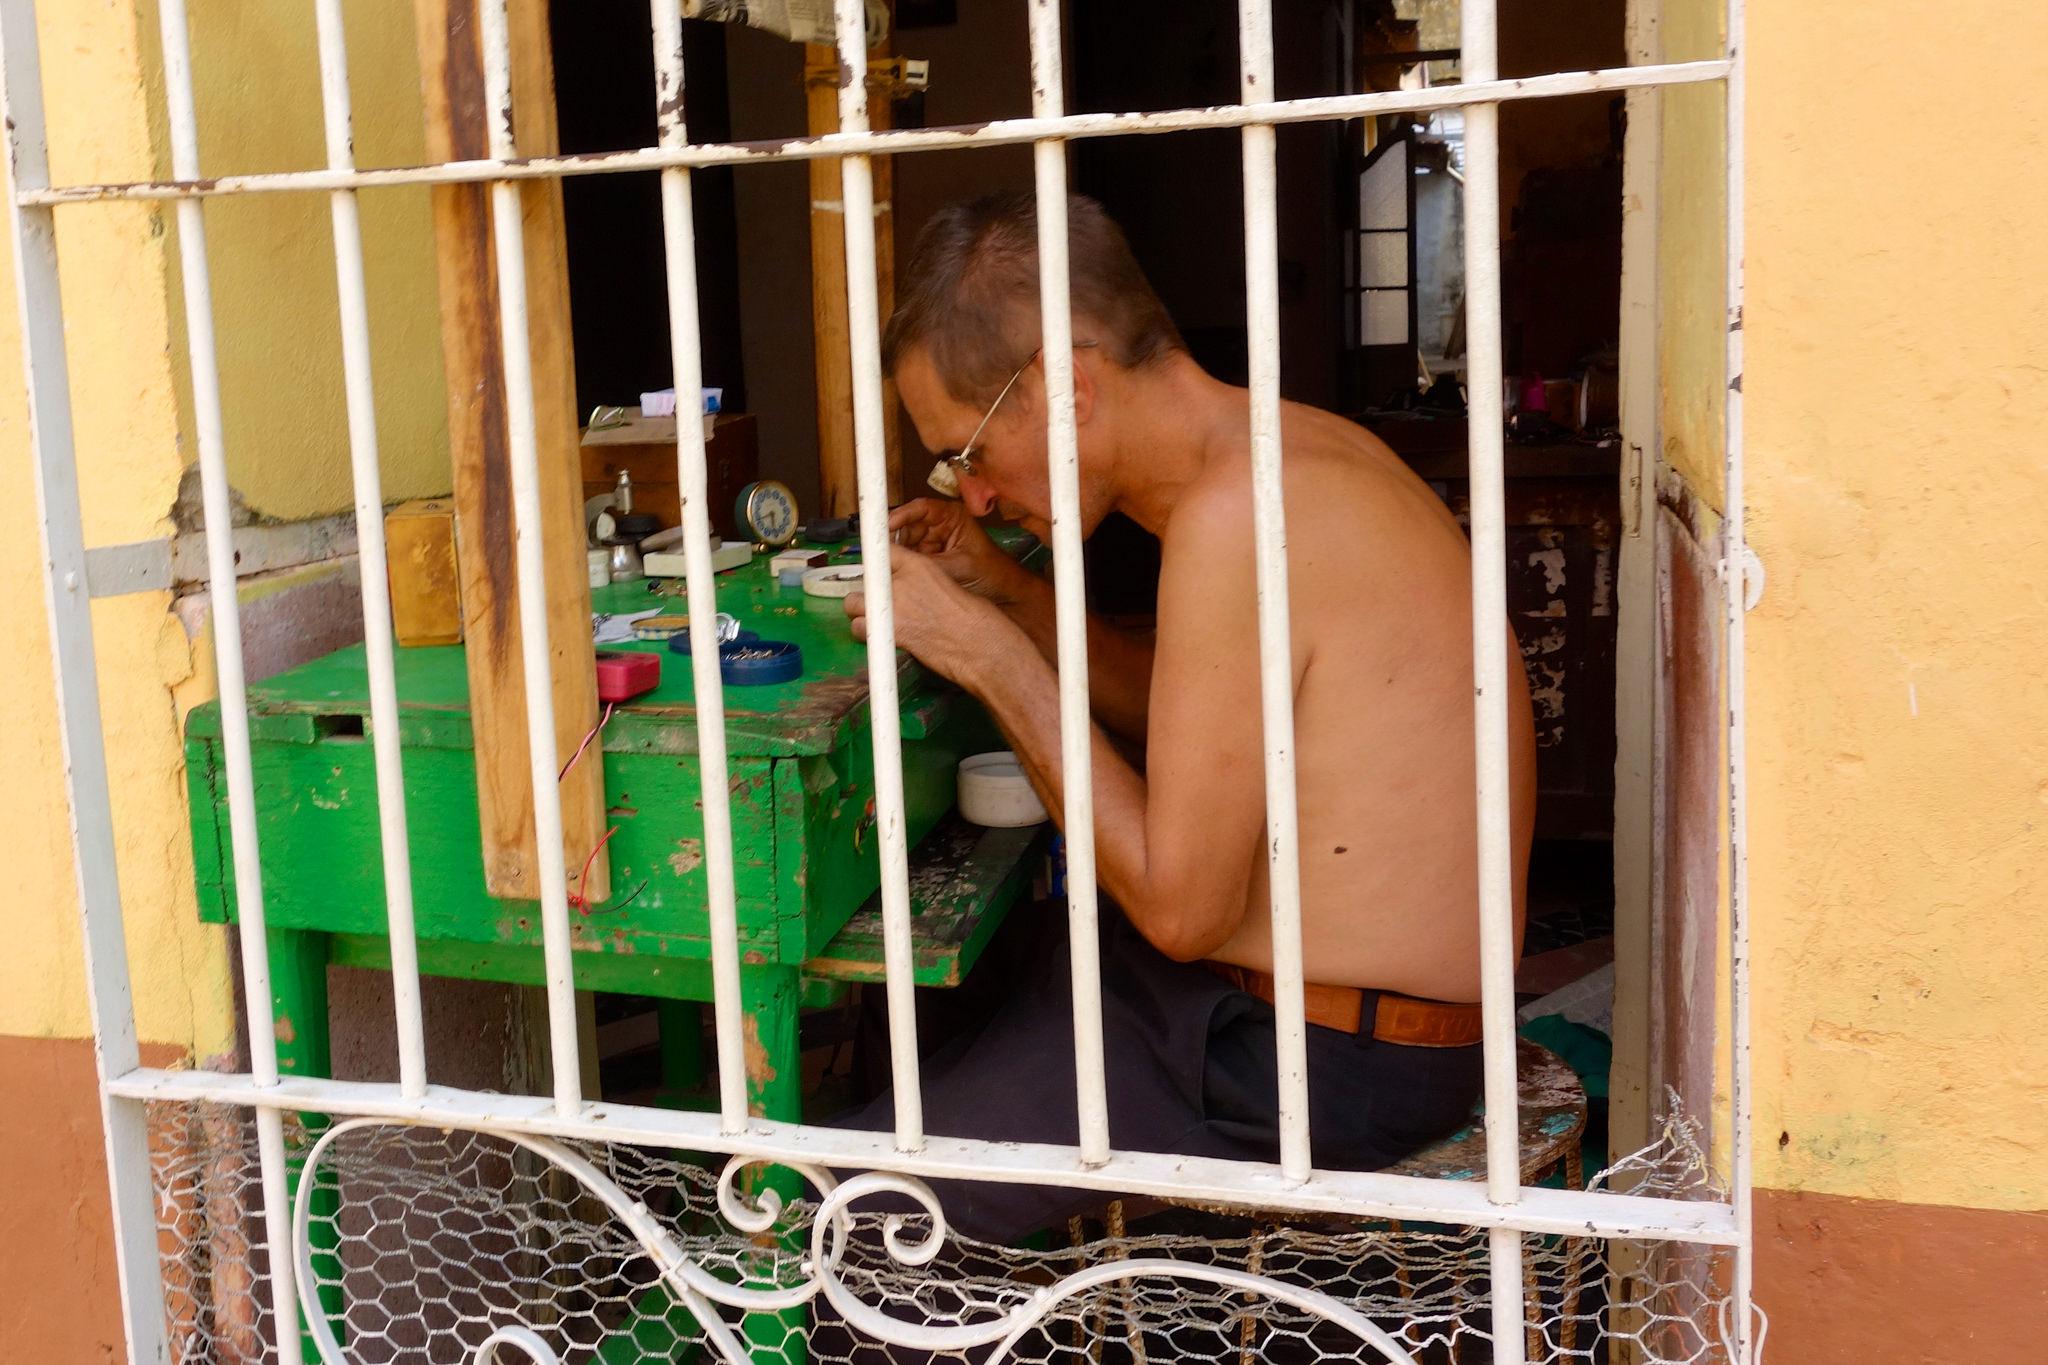 A repairman in Trinidad.